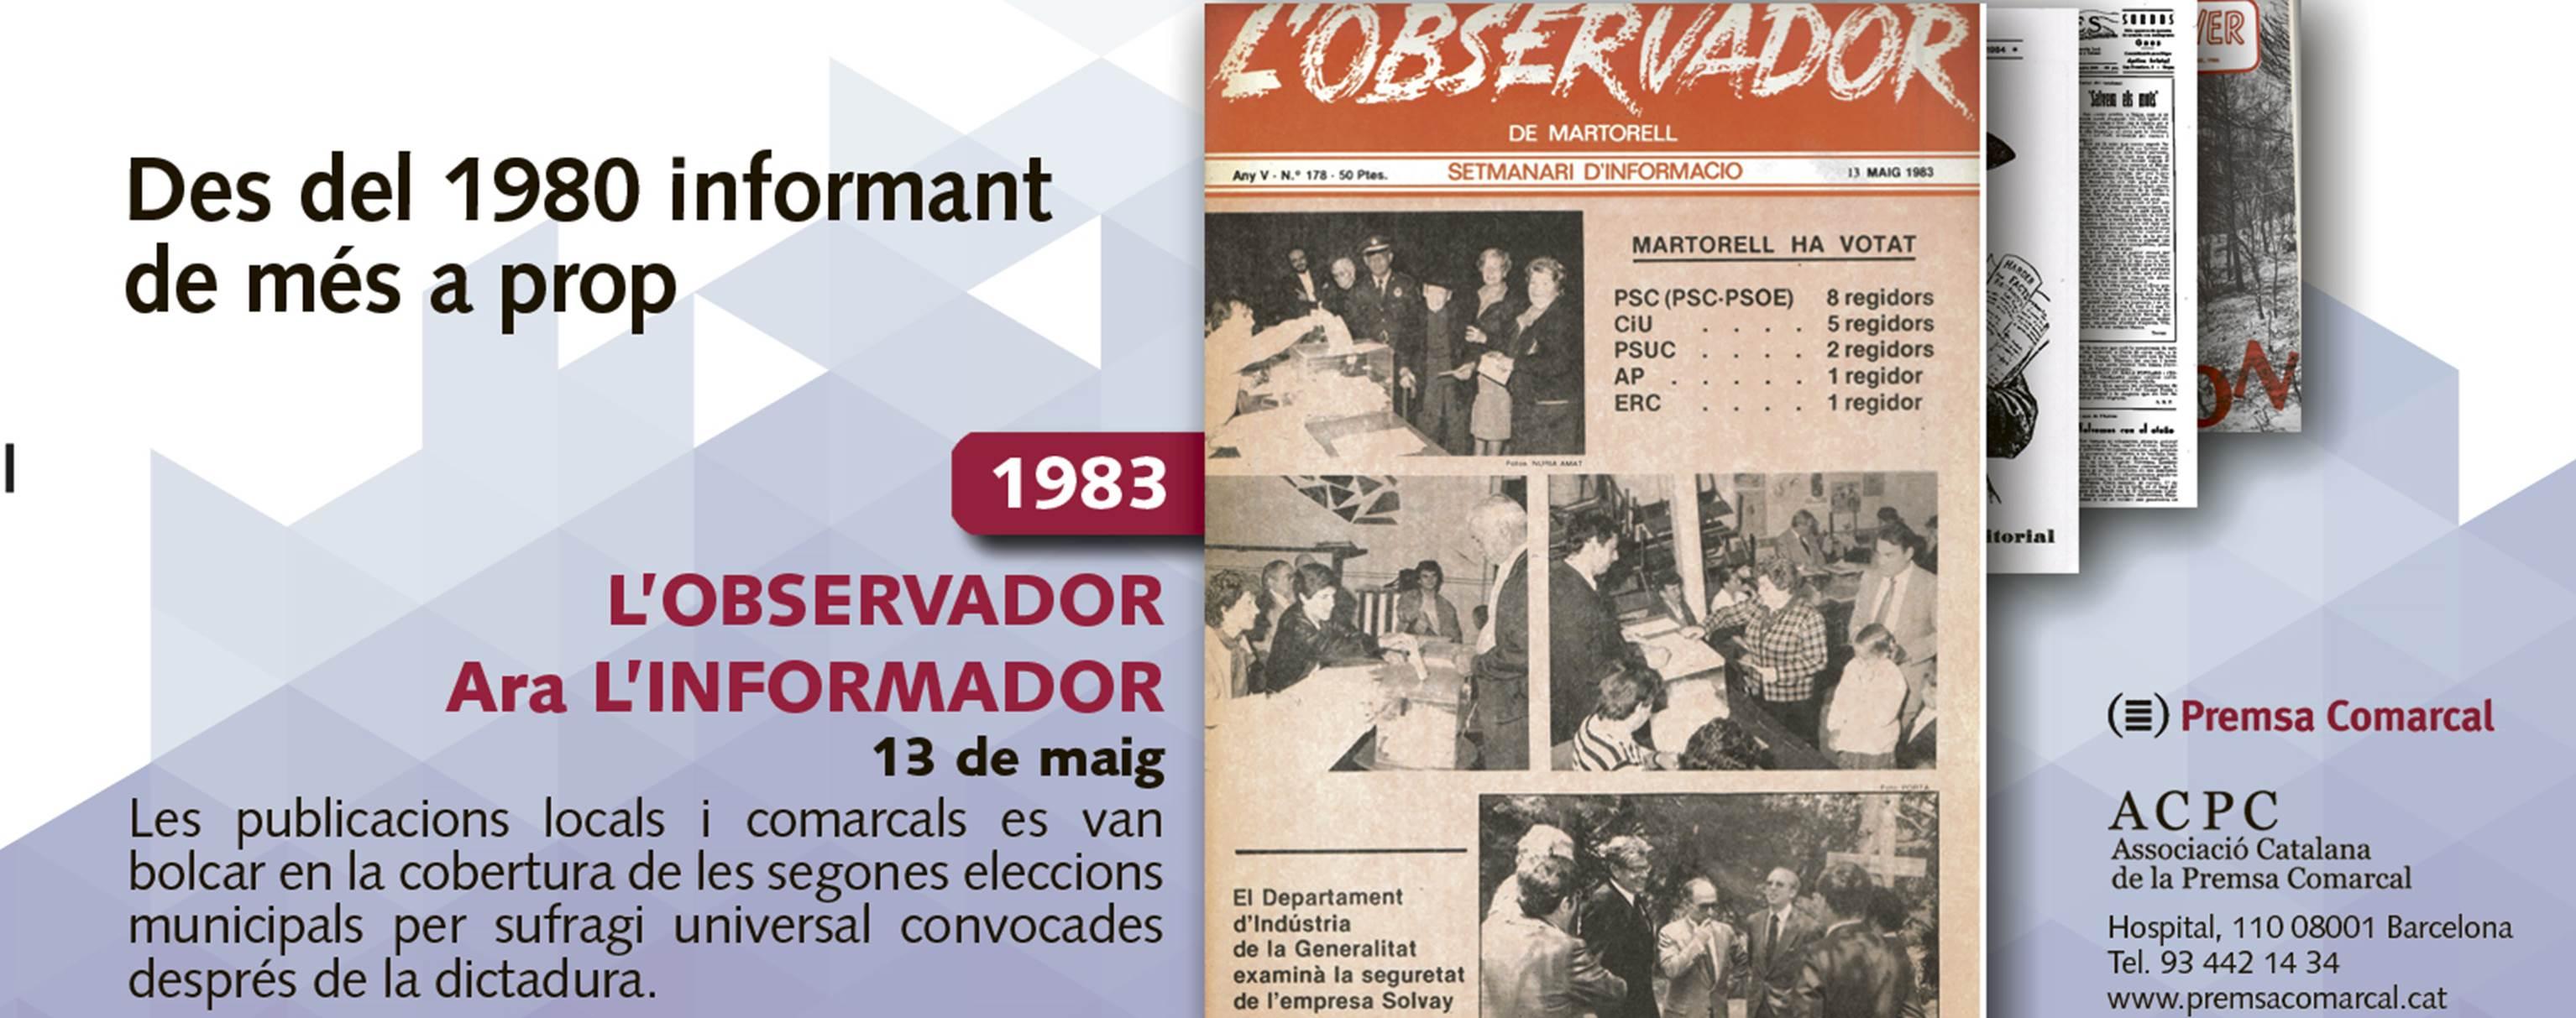 Les segones eleccions municipals després de la dictadura a la campanya dels 35 anys de l'ACPC